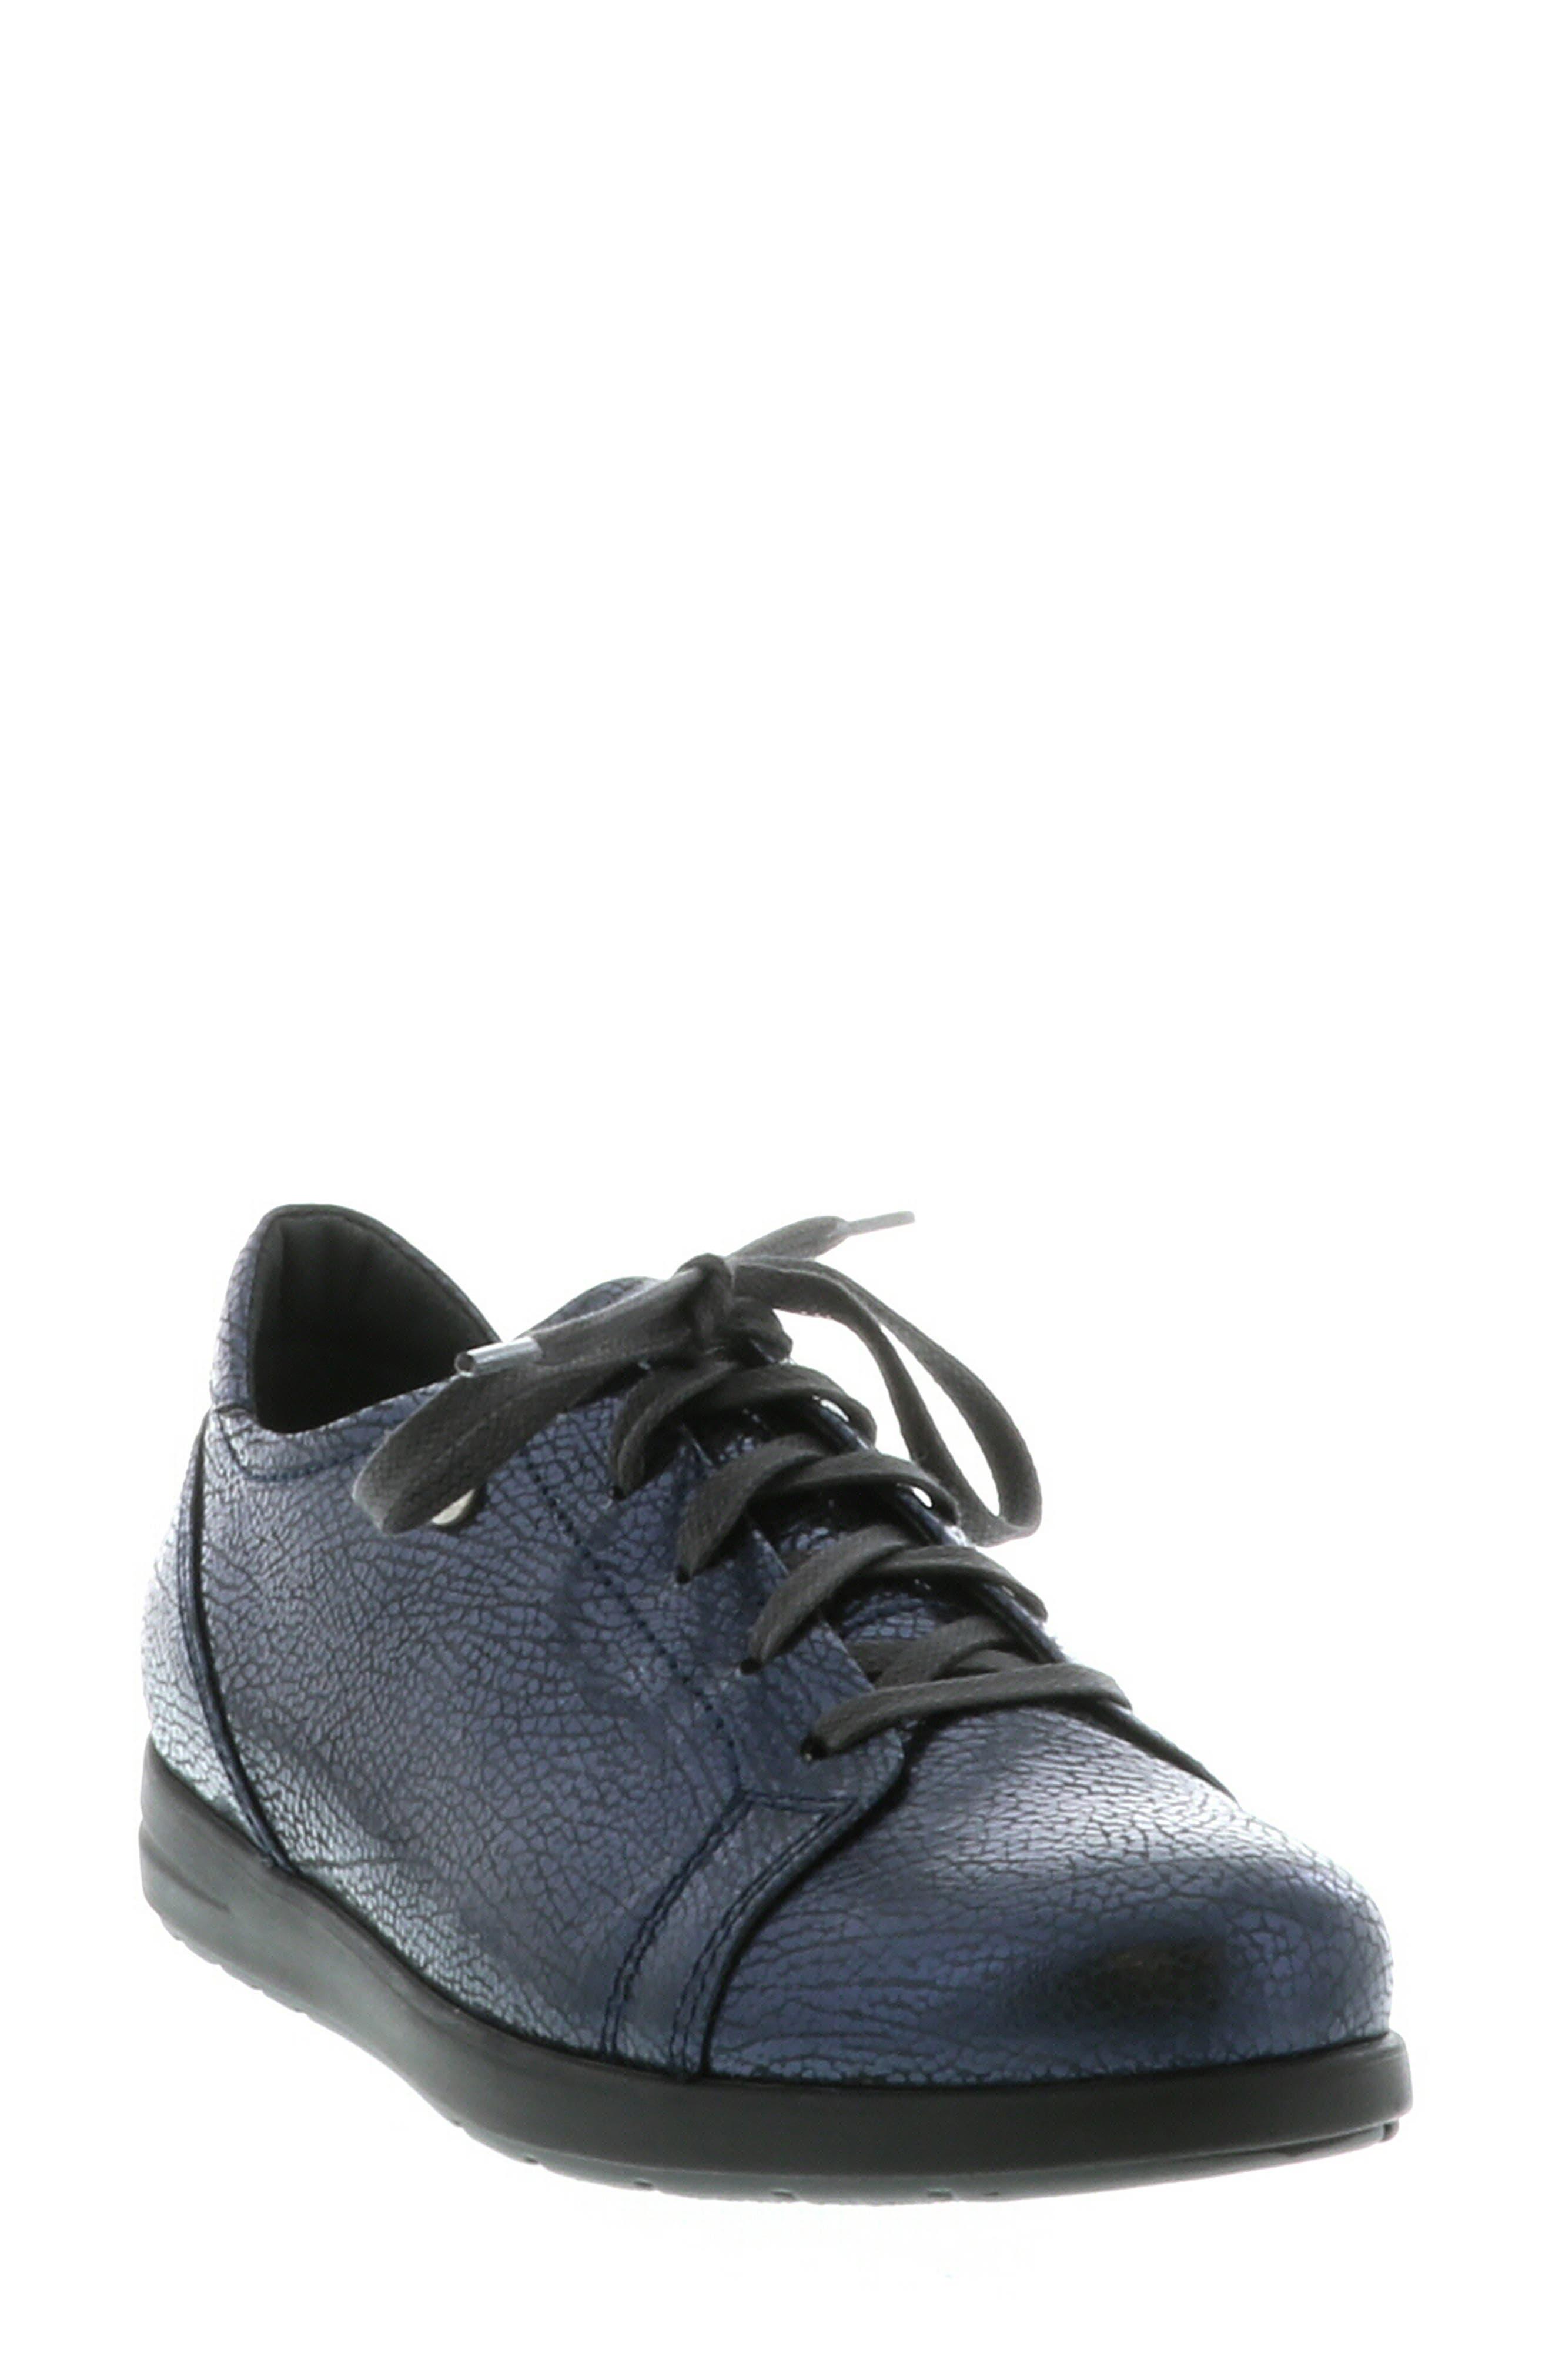 Wolky Kinetic Sneaker - Blue